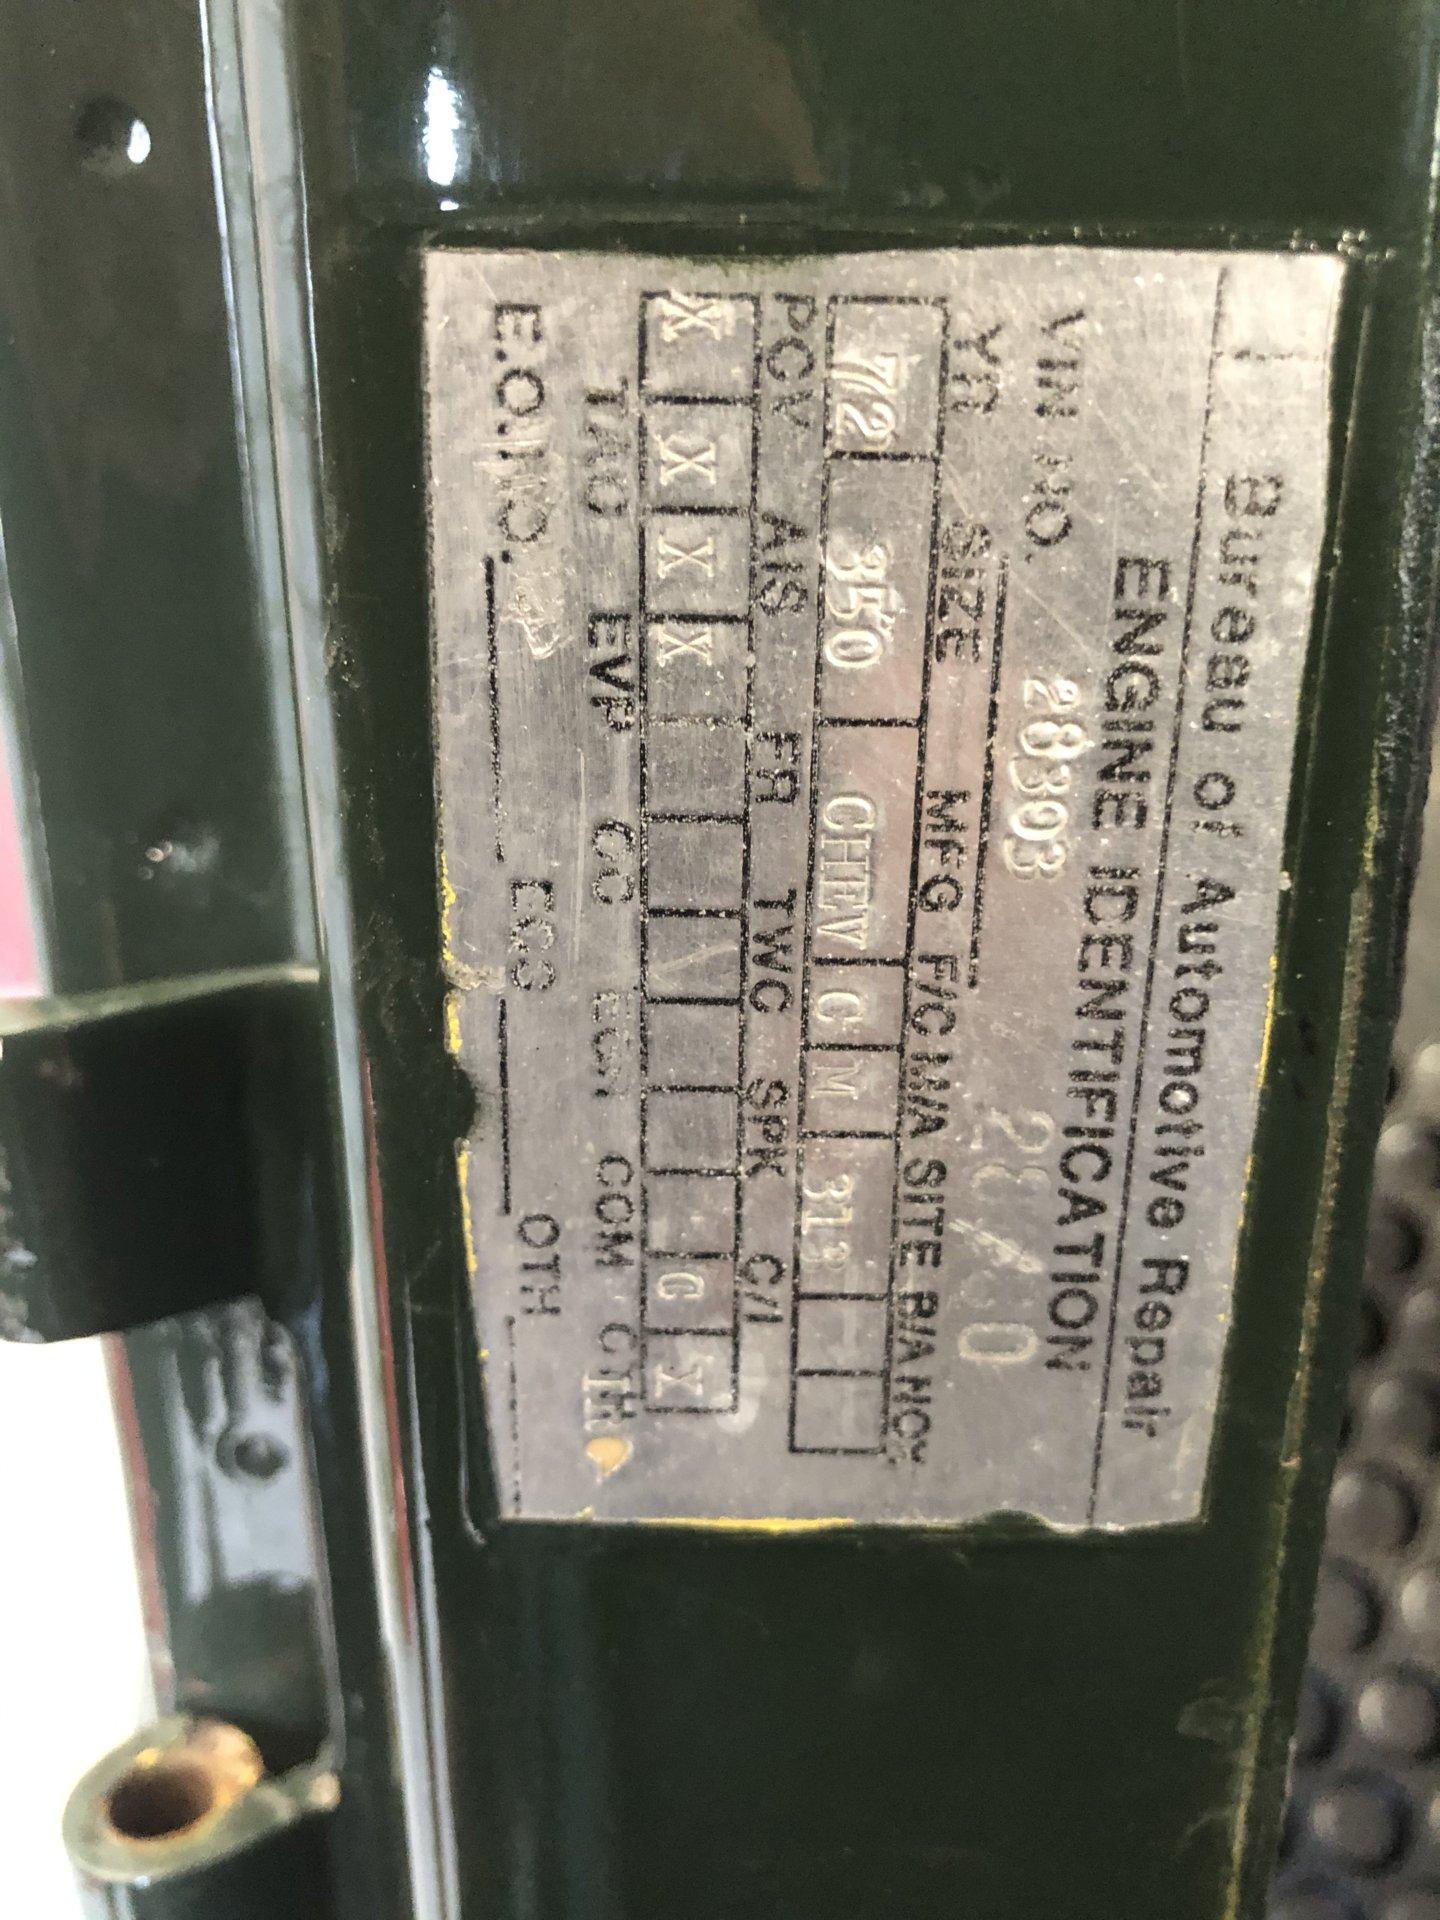 2D6610DA-EABE-4047-B50C-99E51DD519DF.jpeg